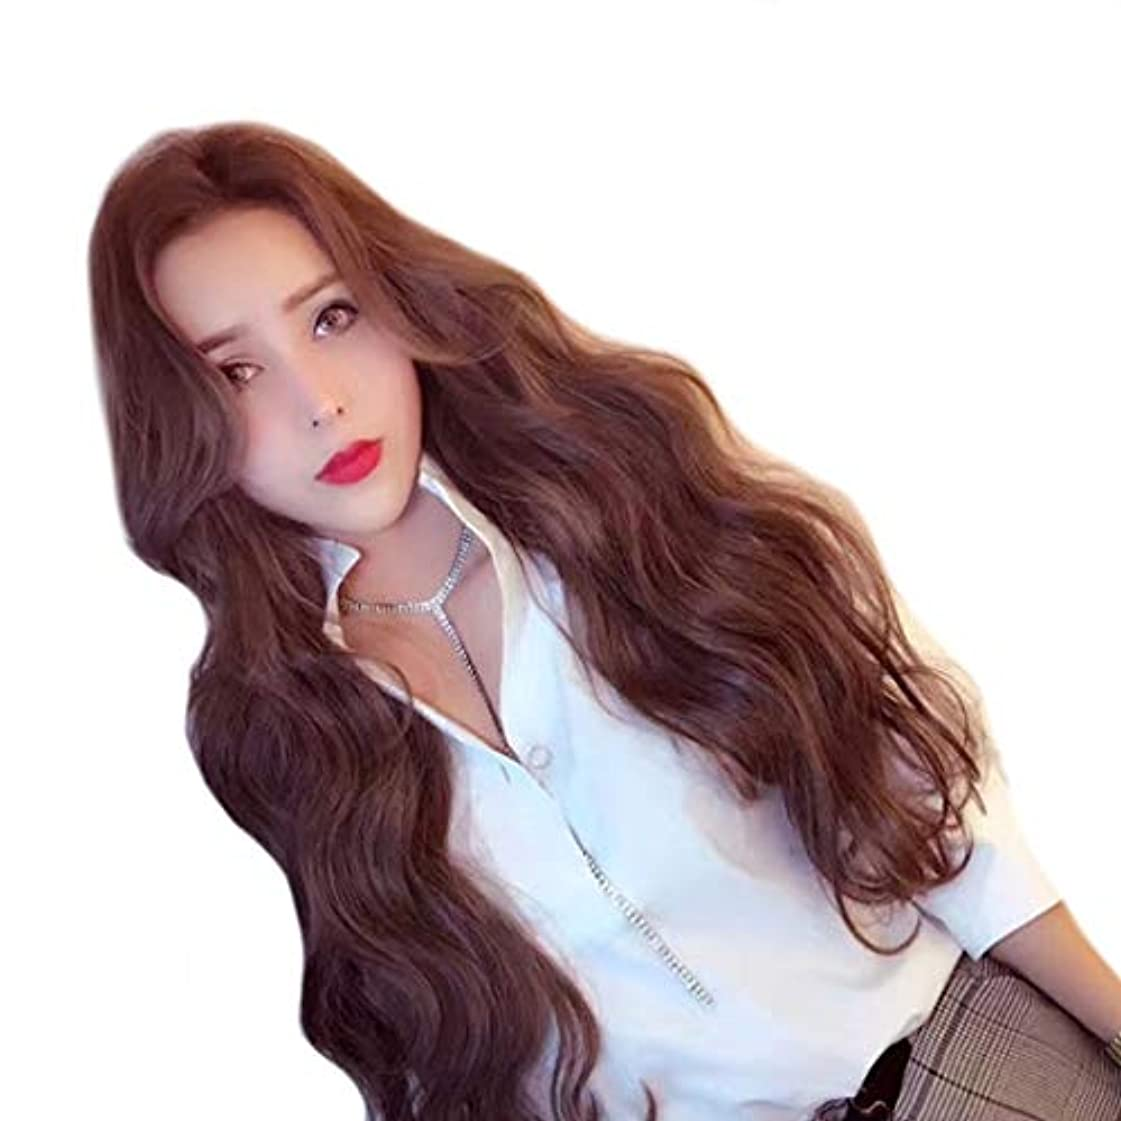 散髪ランタンデッドロックSummerys 耐熱性女性のための長く自然な波状の合成レースフロントかつら